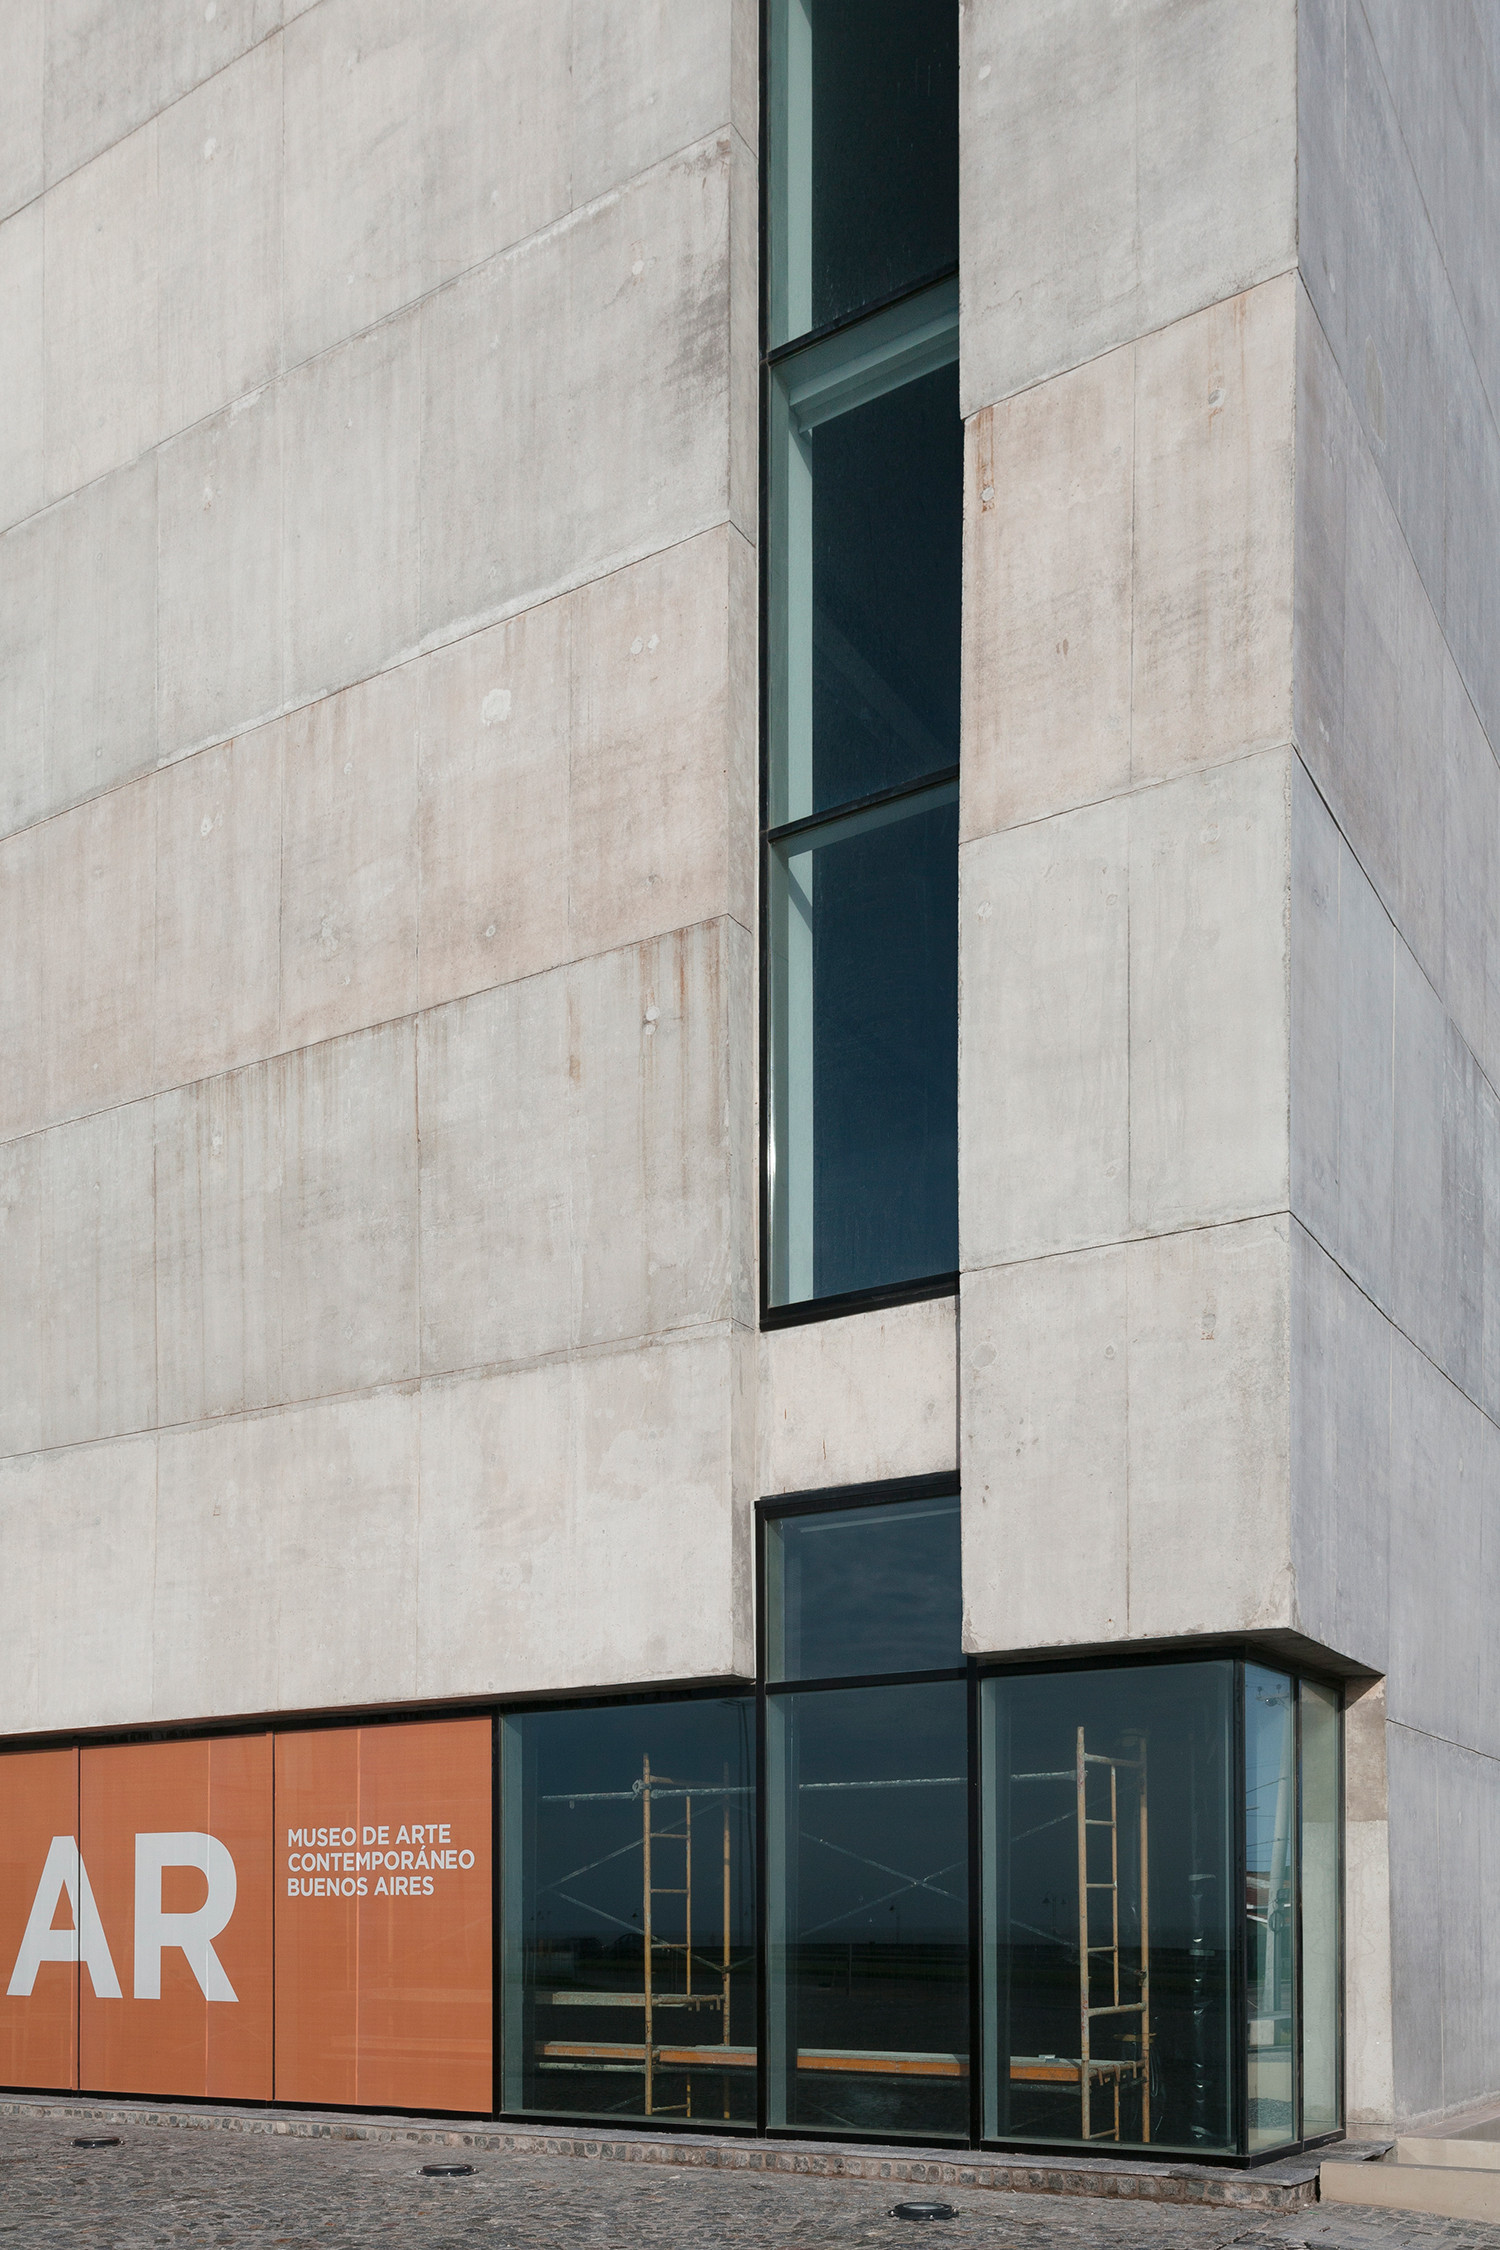 Buenos Aires Contemporary Art Museum Monoblock - 10